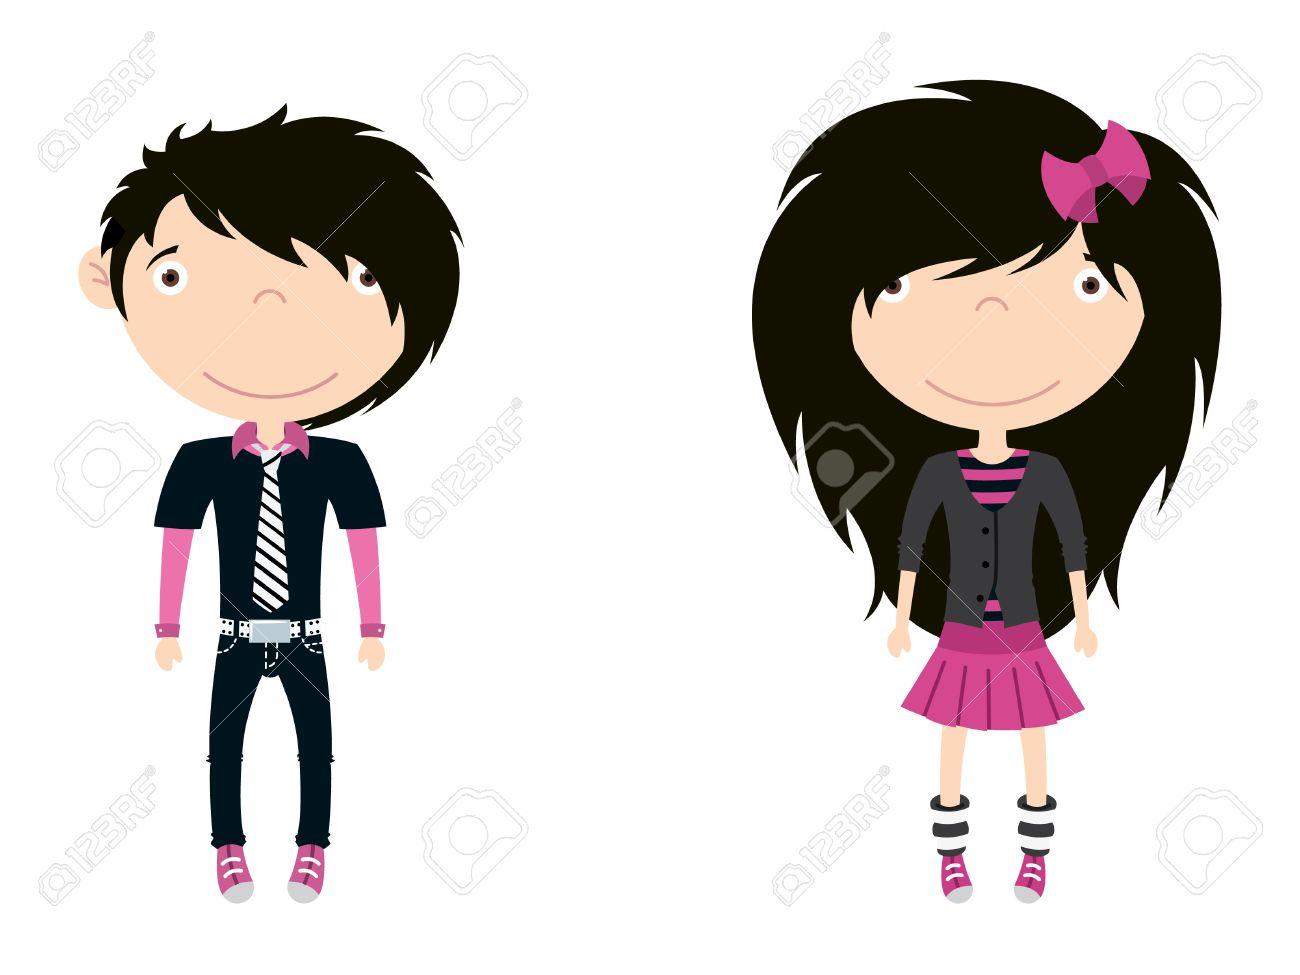 Pink Hair clipart cute person #14